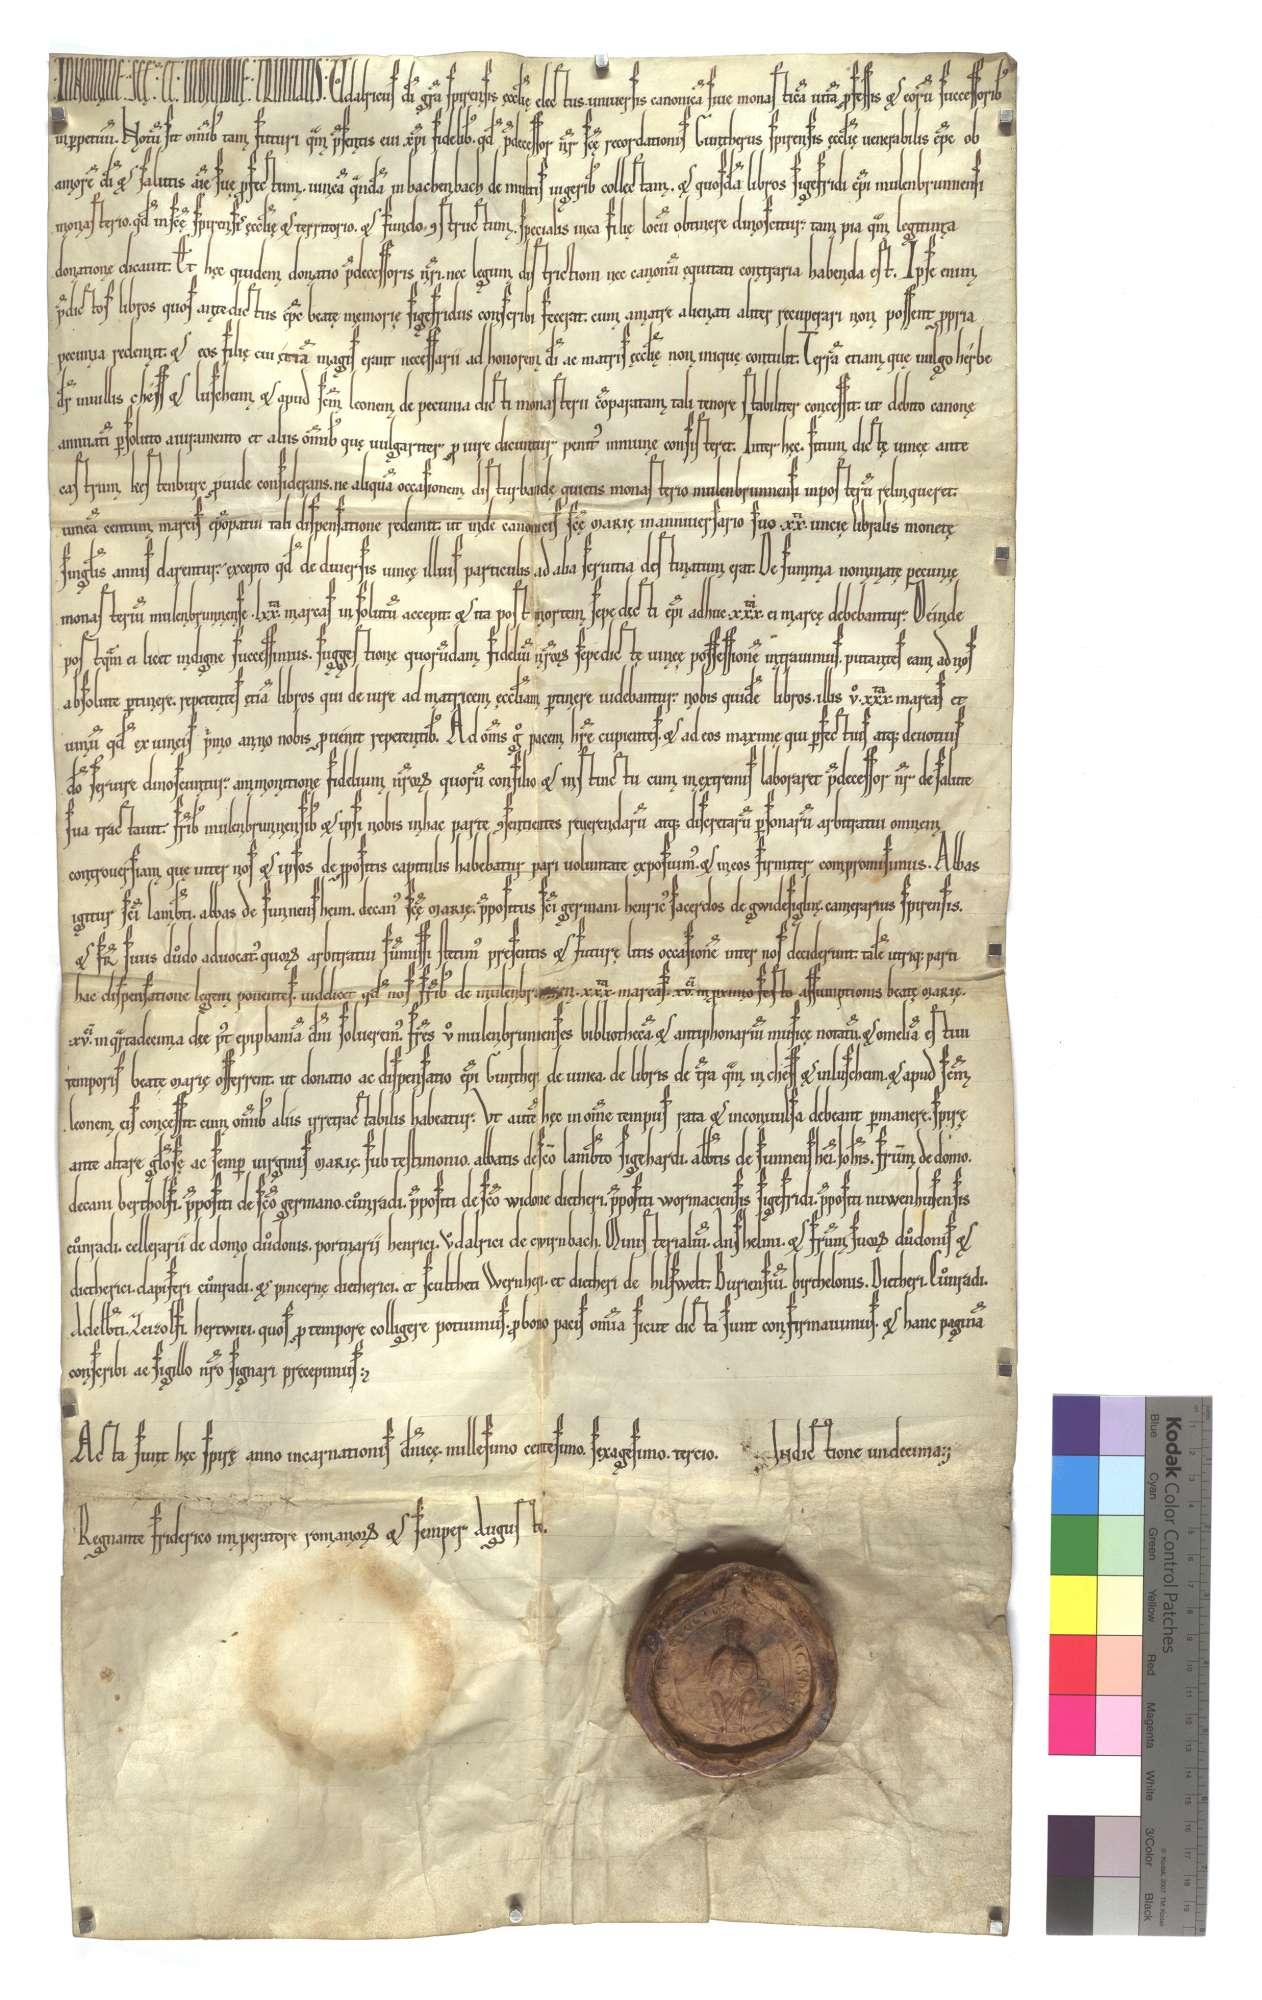 Ulrich, erwählter Bischof von Speyer, genehmigt einen schiedsrichterlichen Spruch über eine von ihm angefochtene, in Büchern und genannten Gütern in Hachenbach, Ketsch und Lußheim bestehende Schenkung seines Vorgängers Günther an das Kloster Maulbronn., Text